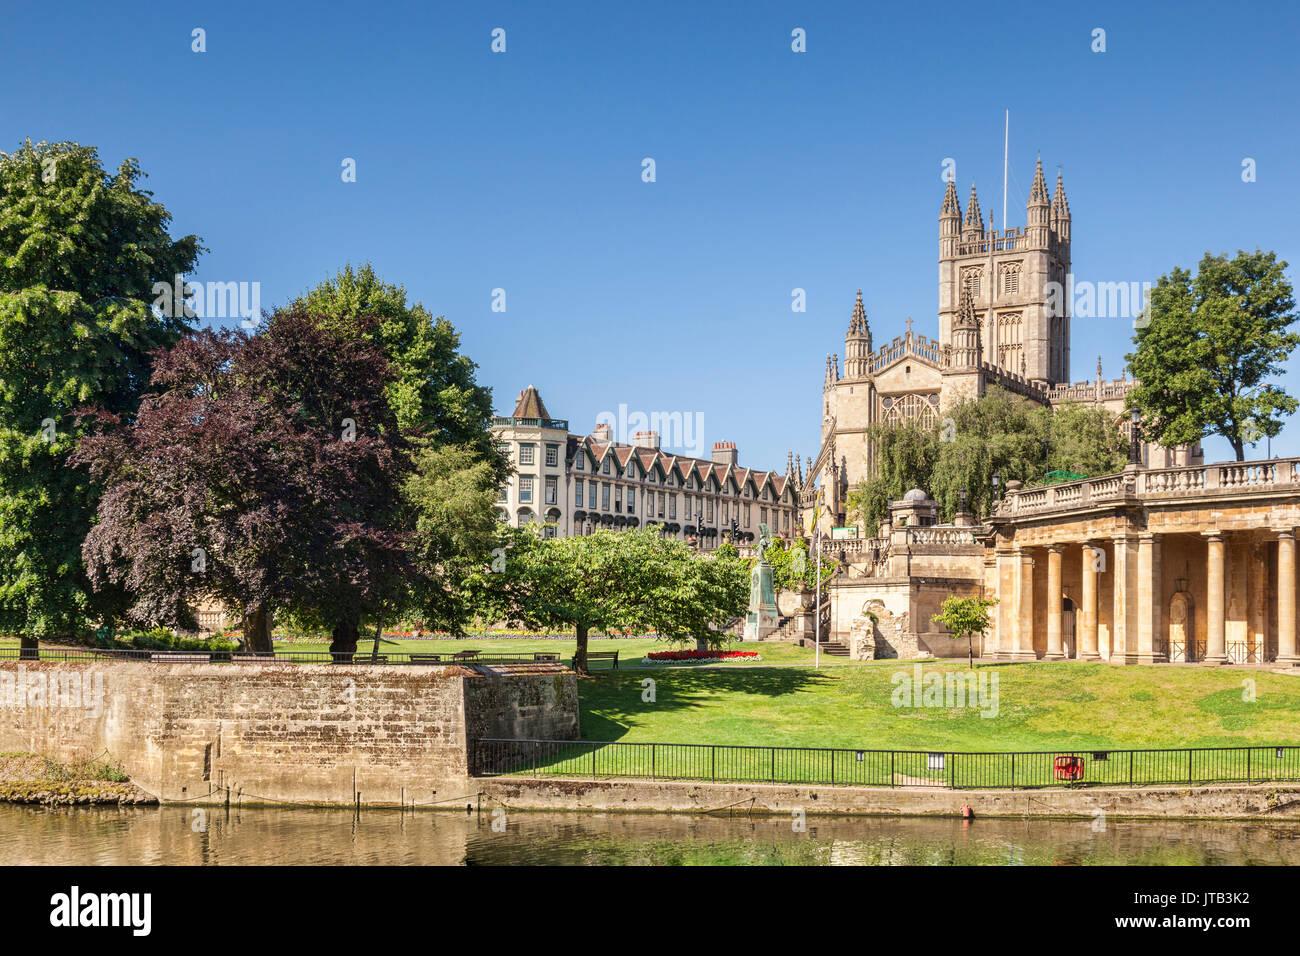 Die Abtei von Bath und der Orangerie am Ufer des Flusses Avon, an einem schönen Sommermorgen mit perfekt klaren blauen Himmel. Badewanne, Somerset, England, Großbritannien Stockbild